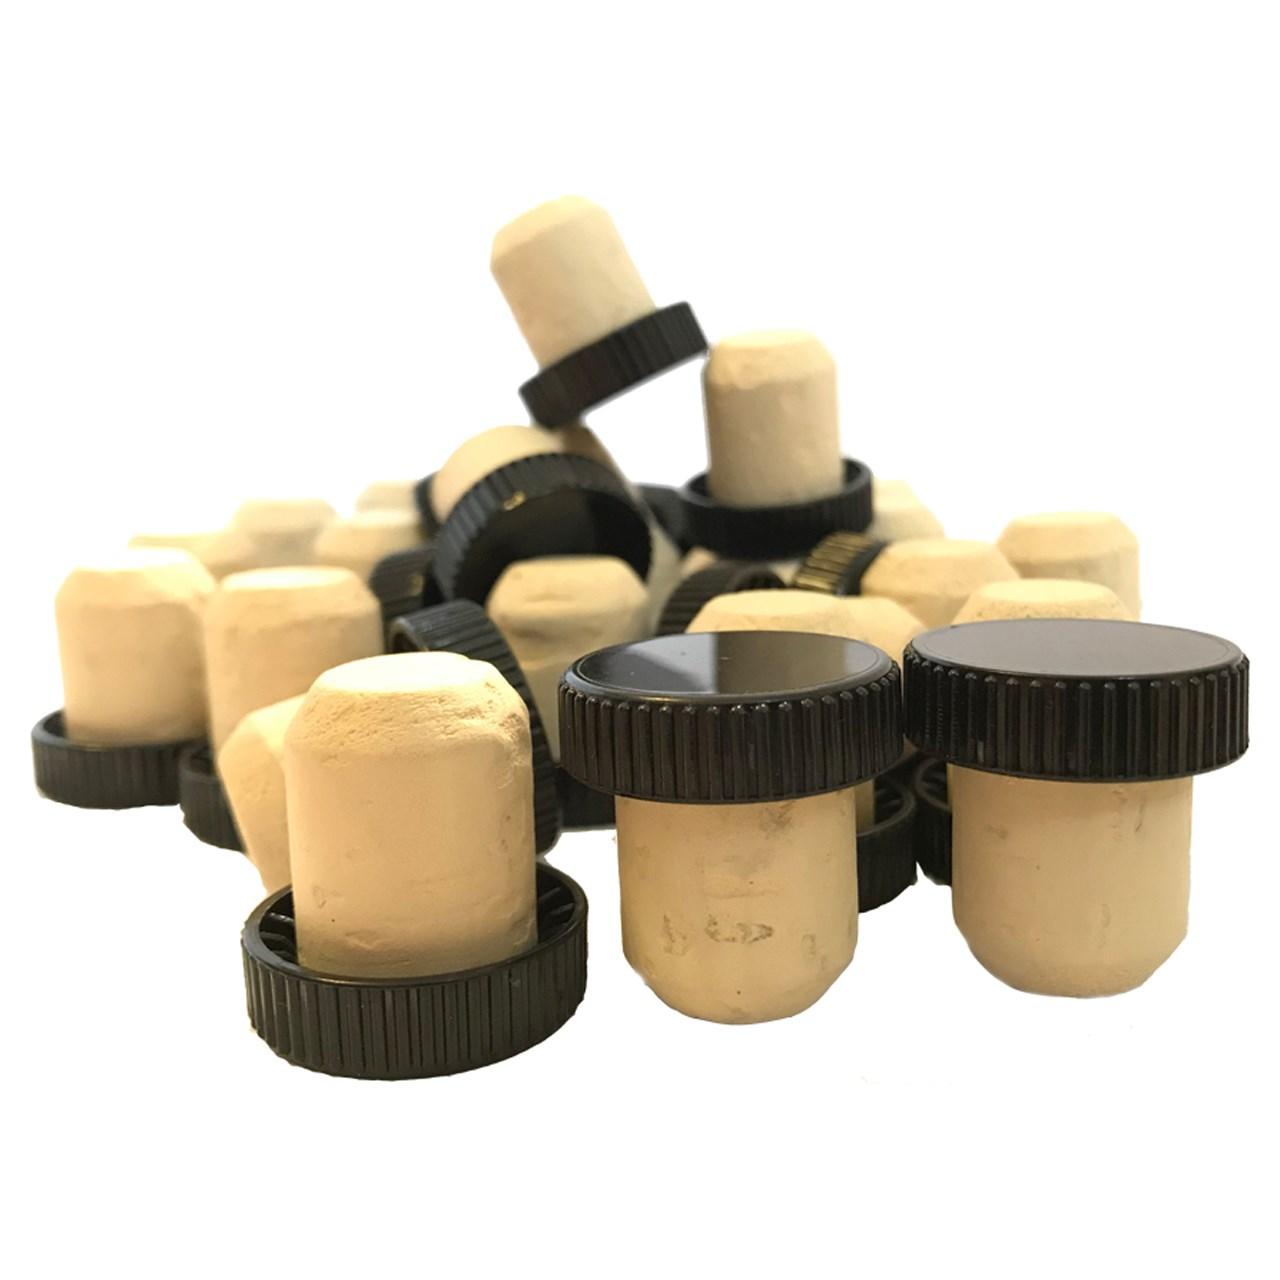 سرپوش پلاستیکی بطری چوب پنبه مدل 19 - بسته 50 عددی